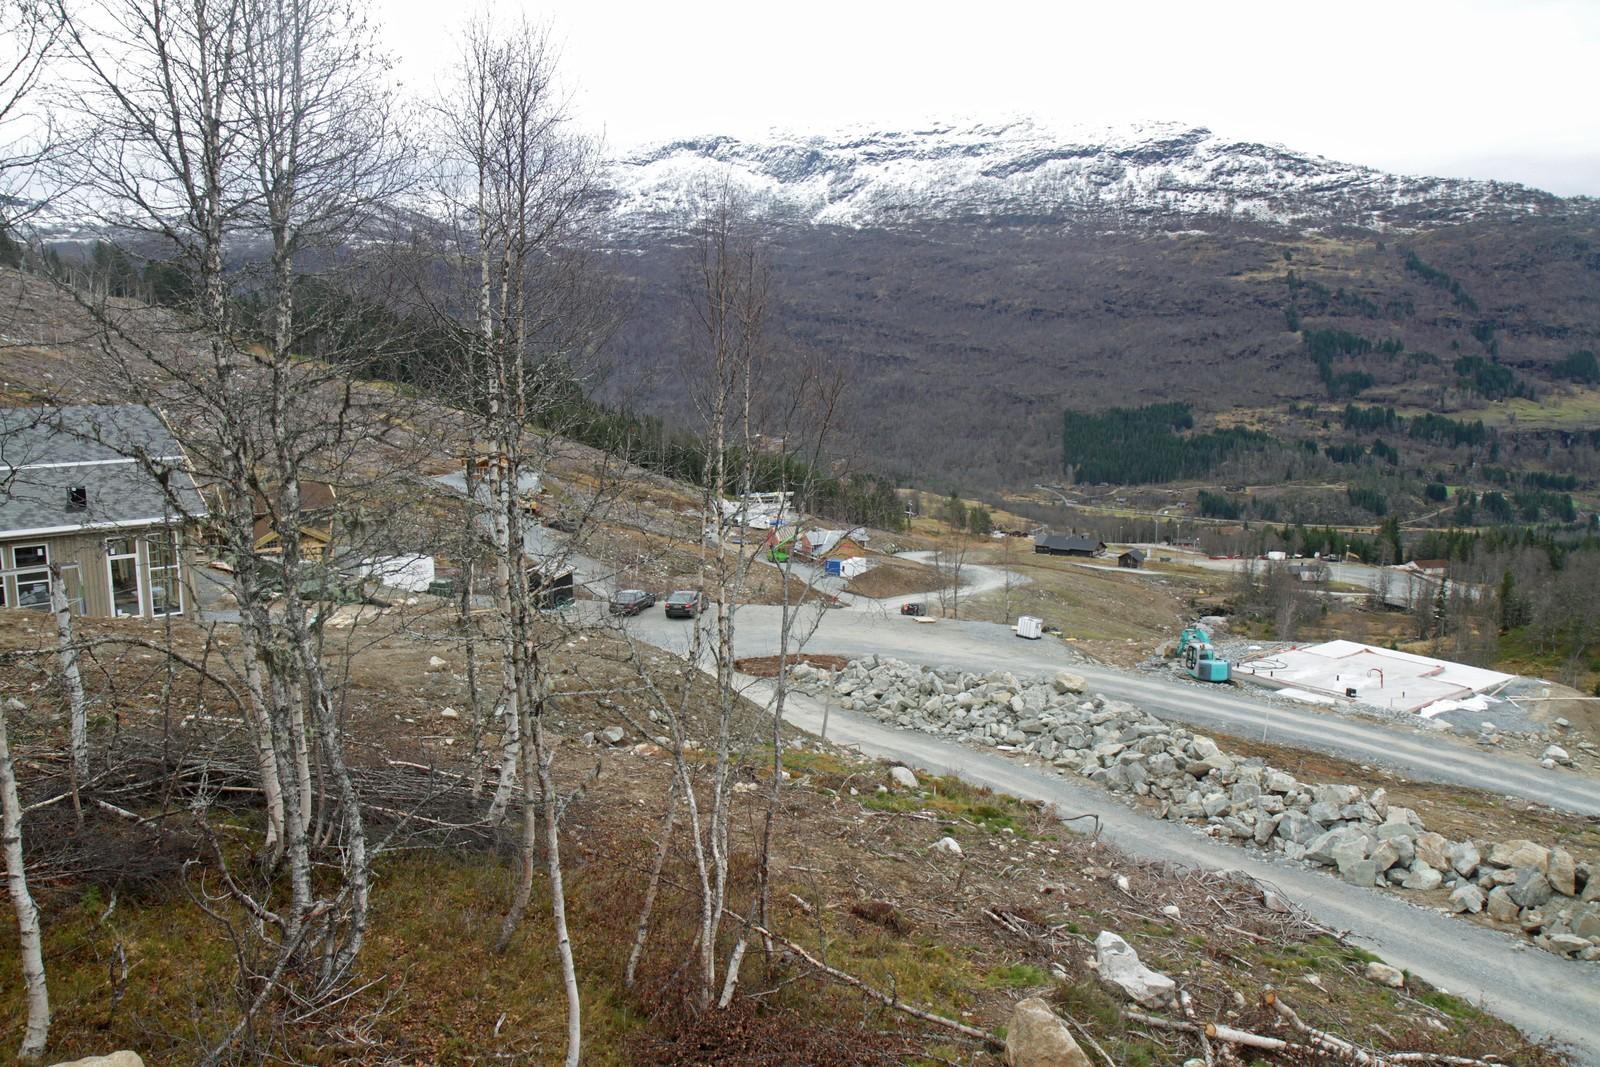 HODLEKVE: Storstilt utbygging av skisenteret i Hodlekve med planar om 500 hytter, heisar og gondolbane. Investeringane er sagt å kunne kome opp i to milliardar, men det er langt fram i tid. Førebels er over seksti tomter selde, rundt tjue hytter er bygde, i tillegg er det kome på plass to nye skiheisar.